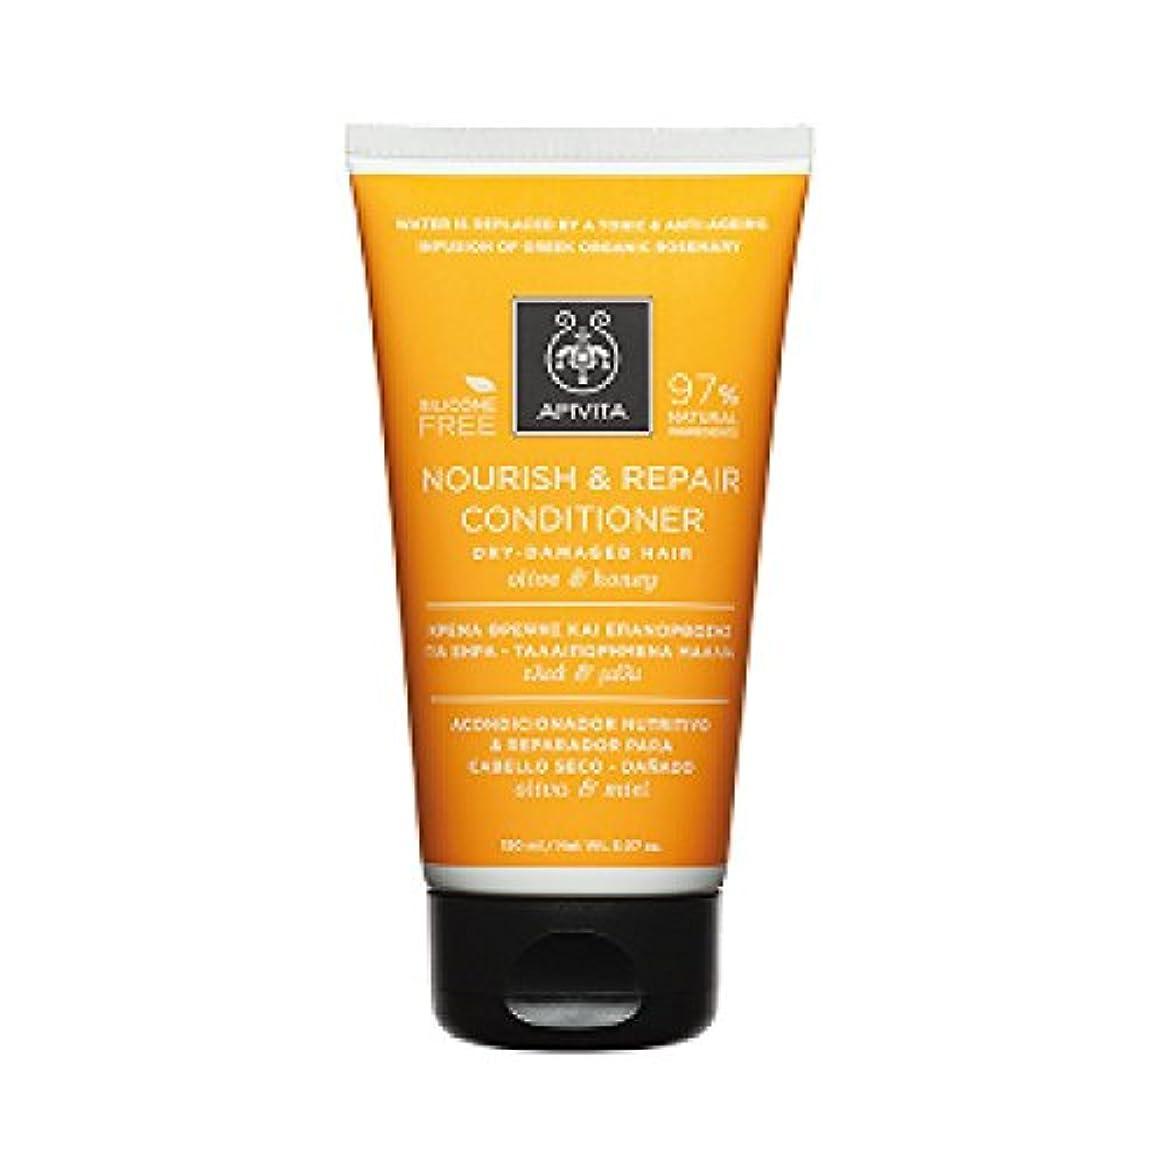 注文以上船酔いアピヴィータ Nourish & Repair Conditioner with Olive & Honey (For Dry-Damaged Hair) 150ml [並行輸入品]